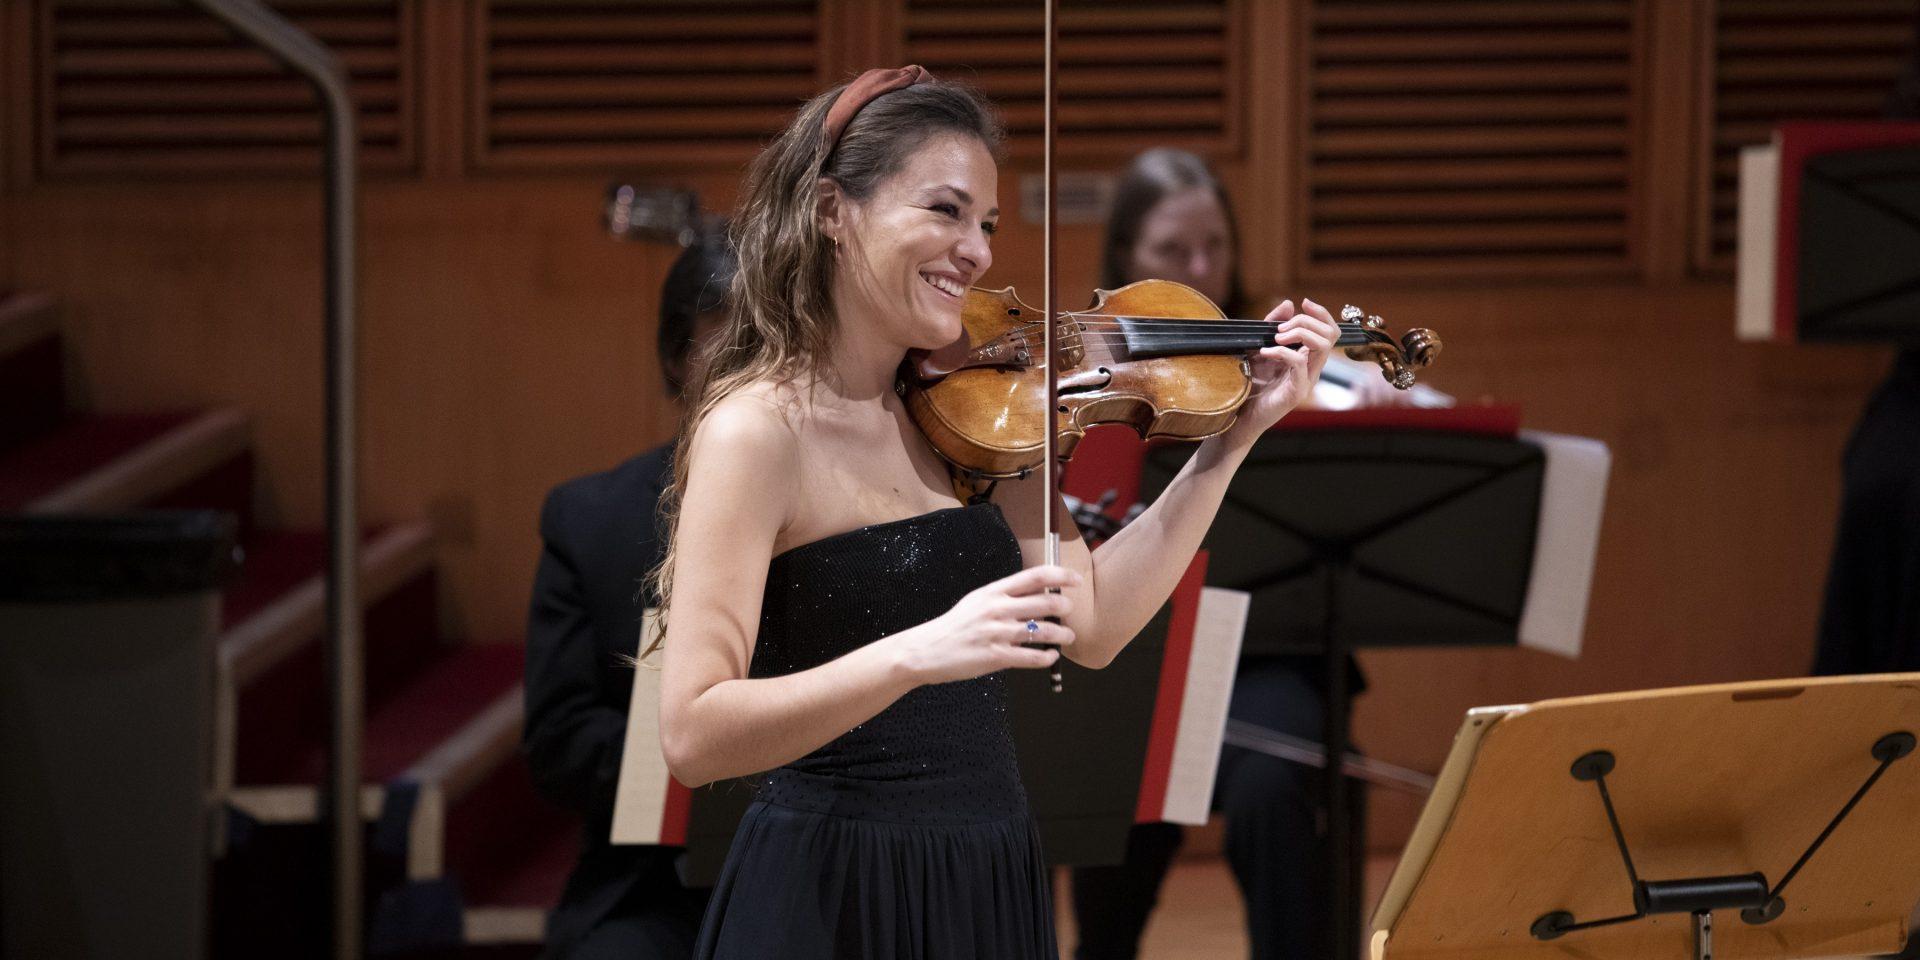 Szymanowski Violin Concerto No1 with Nicola Benedetti